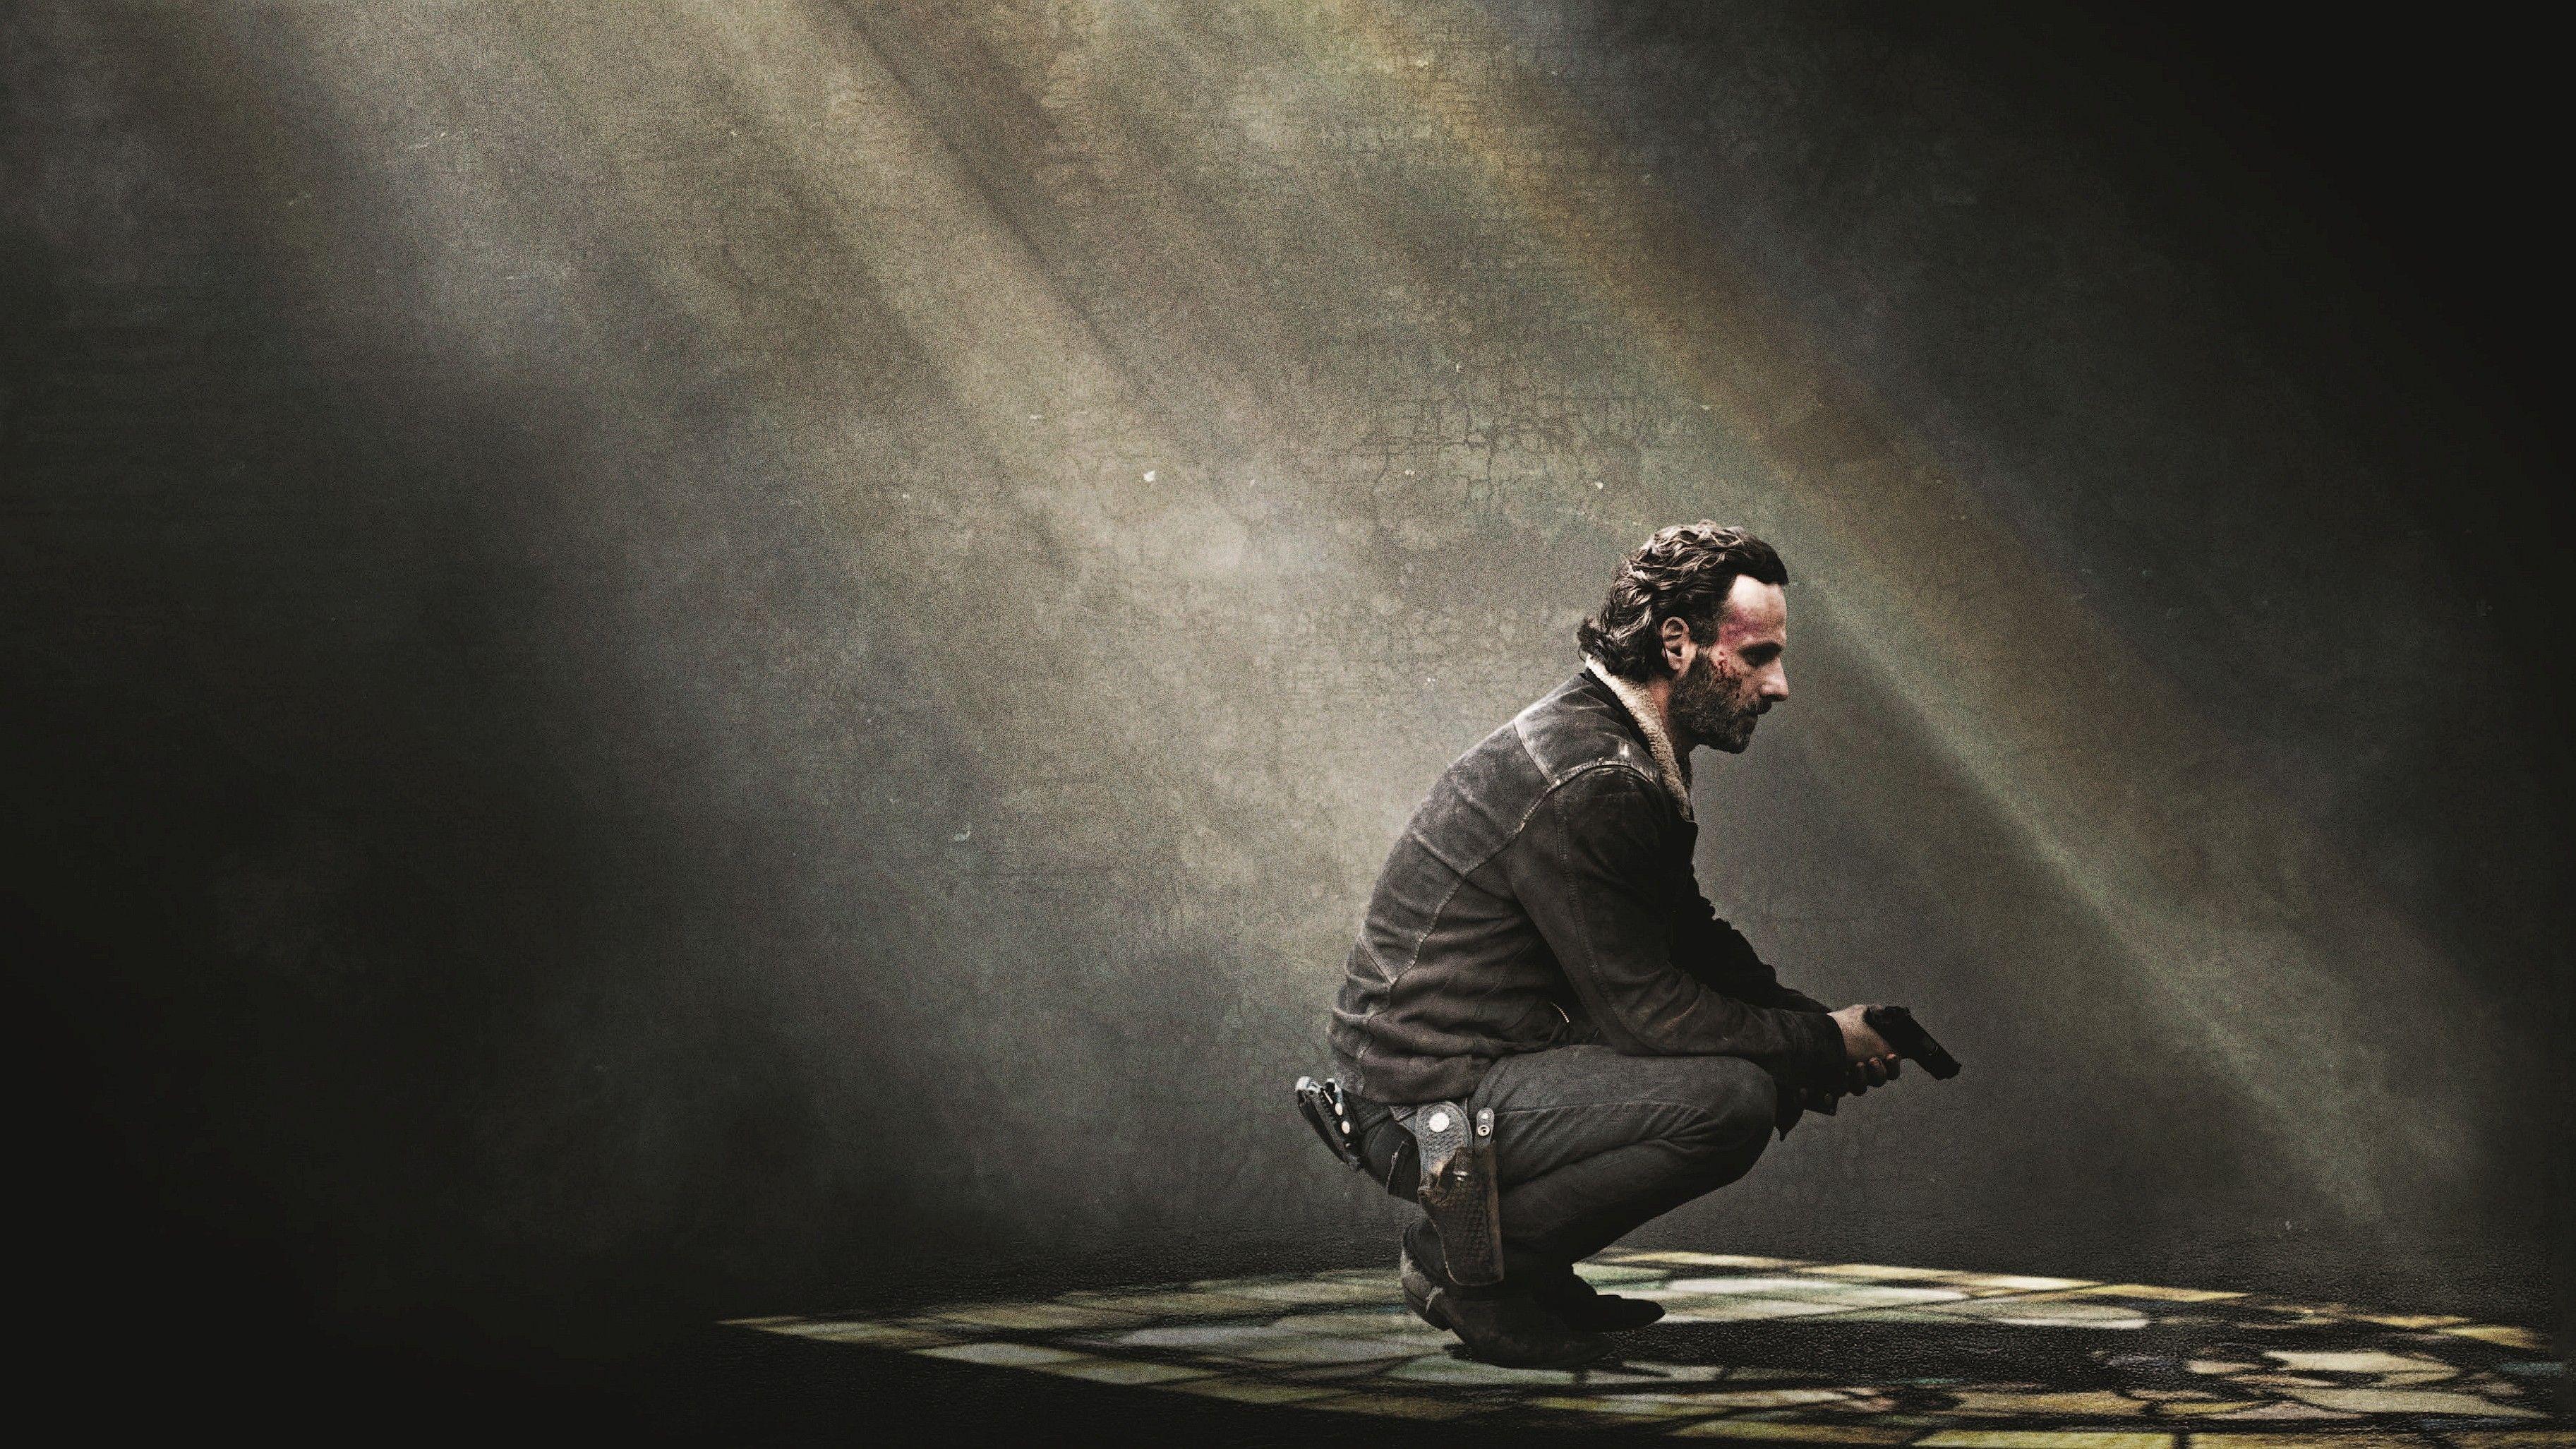 Walking Dead Season 9 Wallpapers - Wallpaper Cave